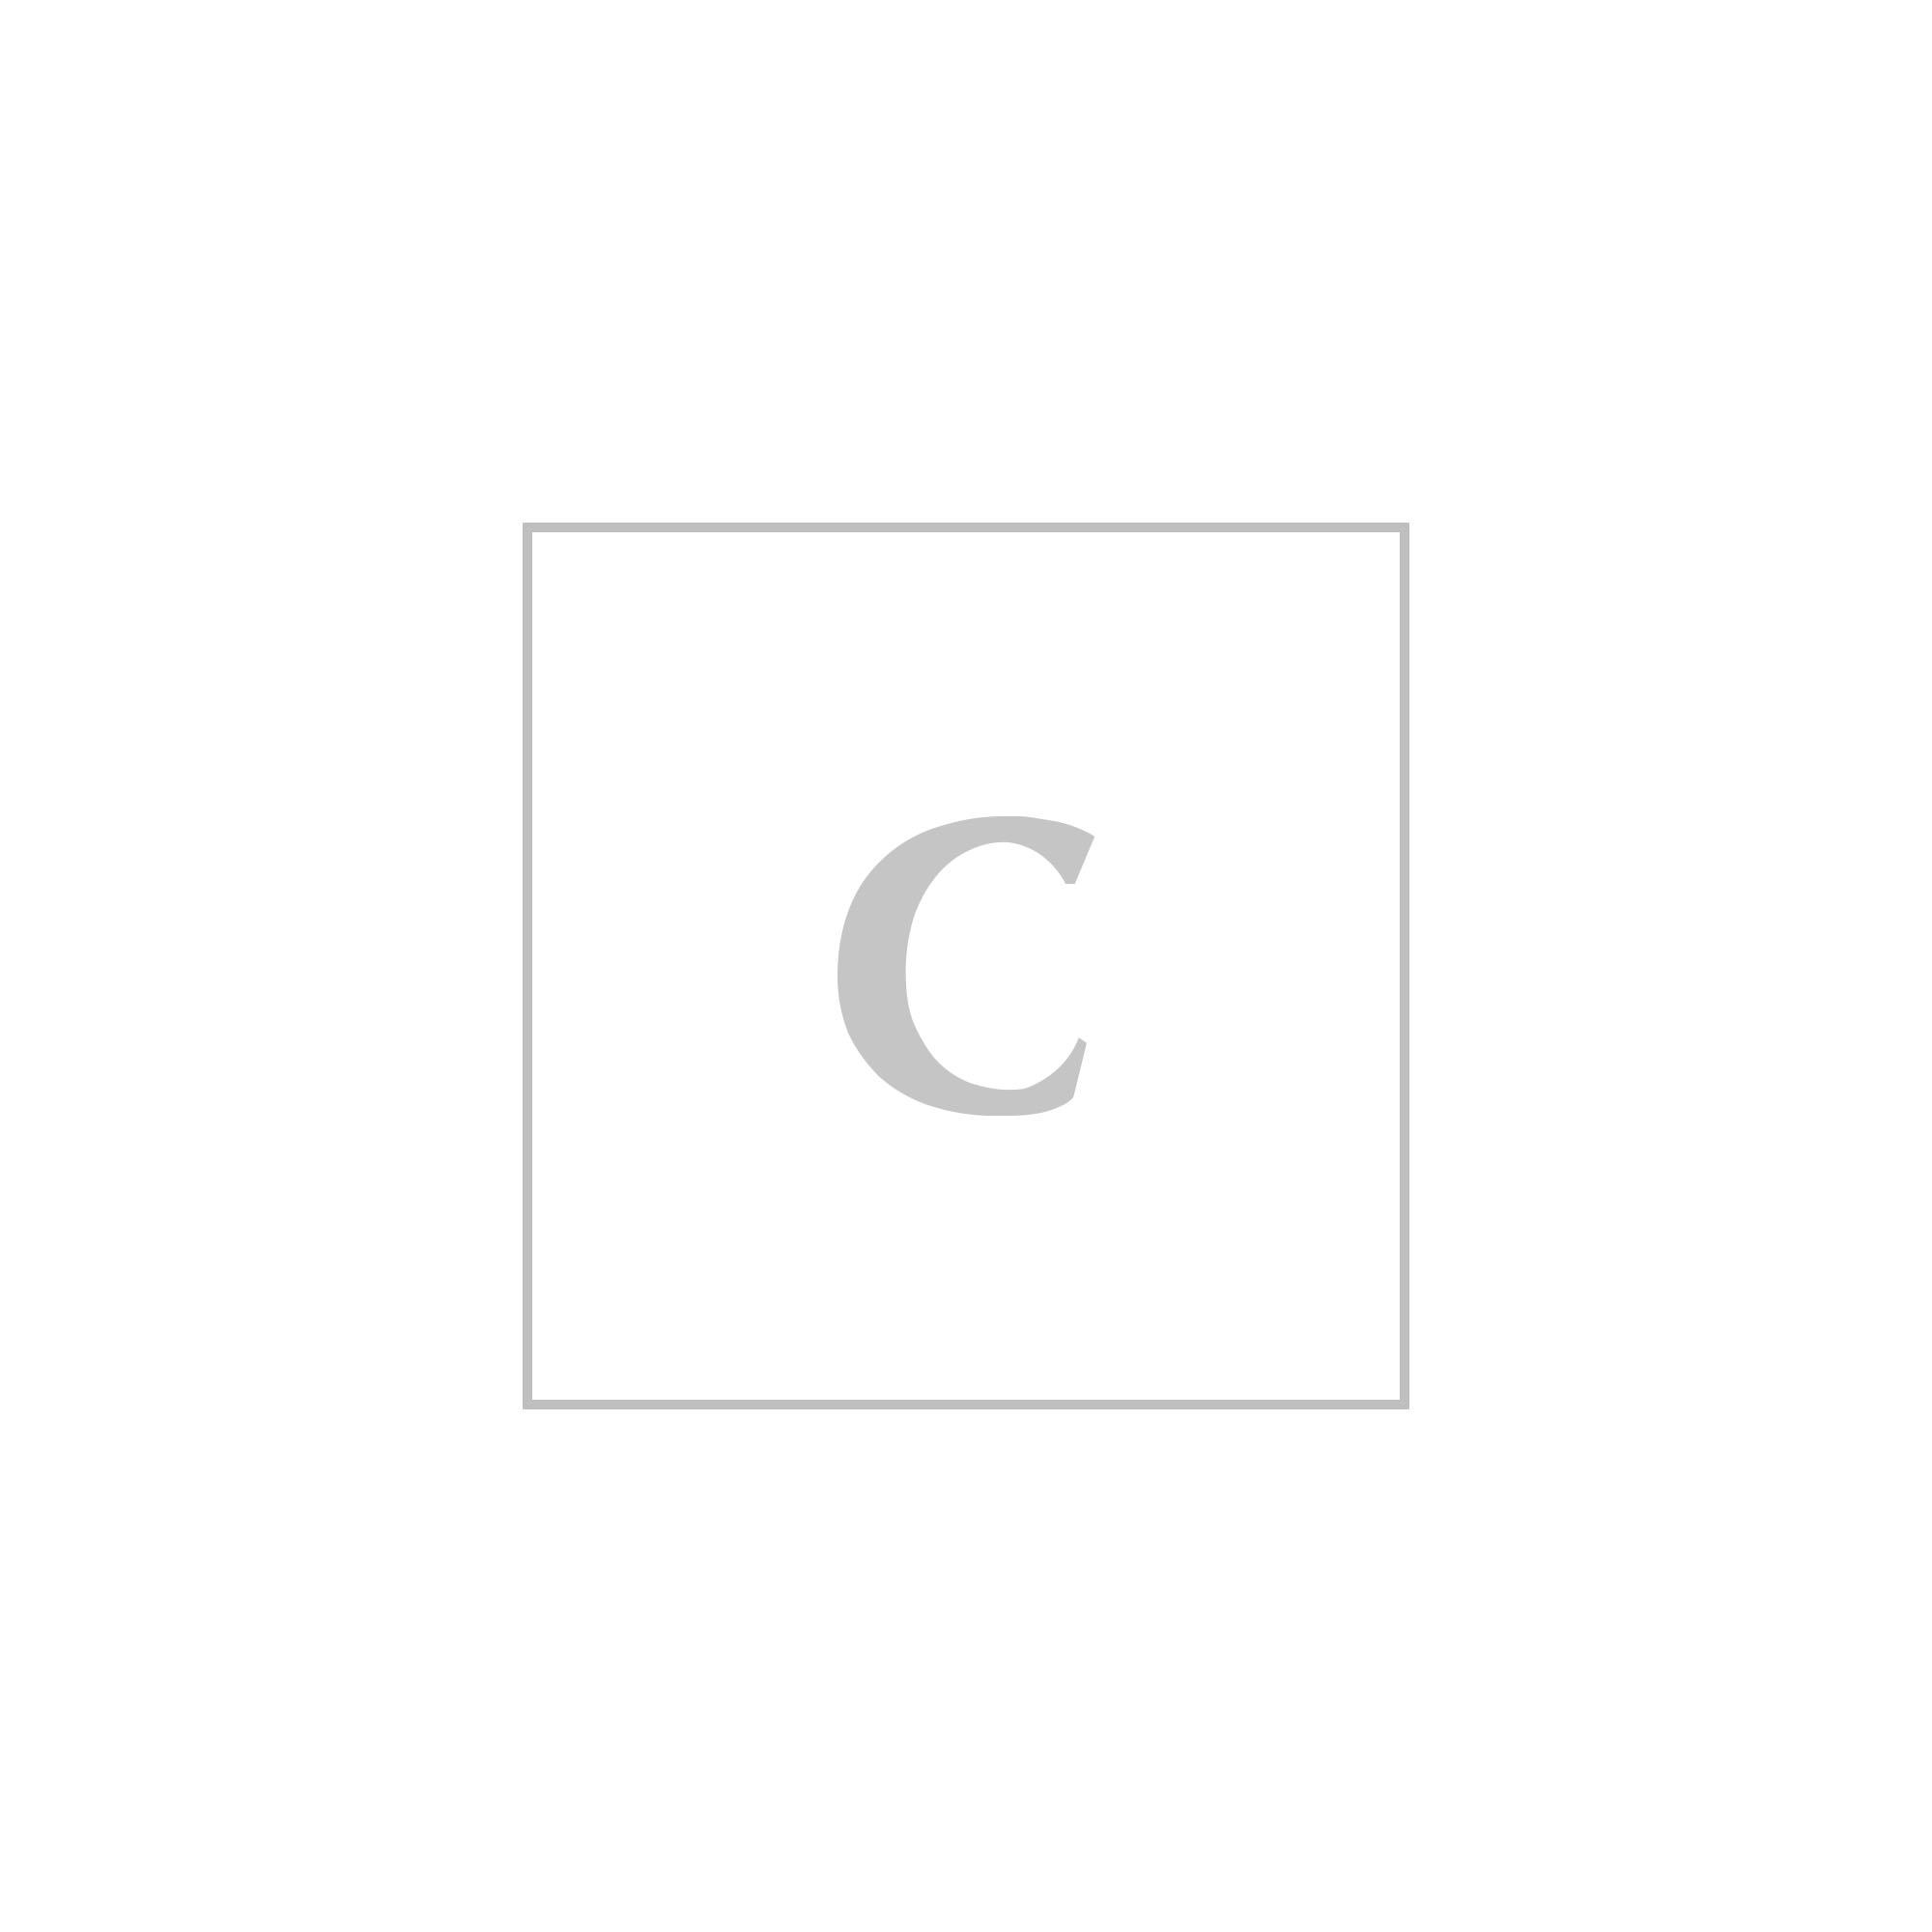 MONCLER 11452 05 549ML PANTALONI SPORTIVI DA UOMO